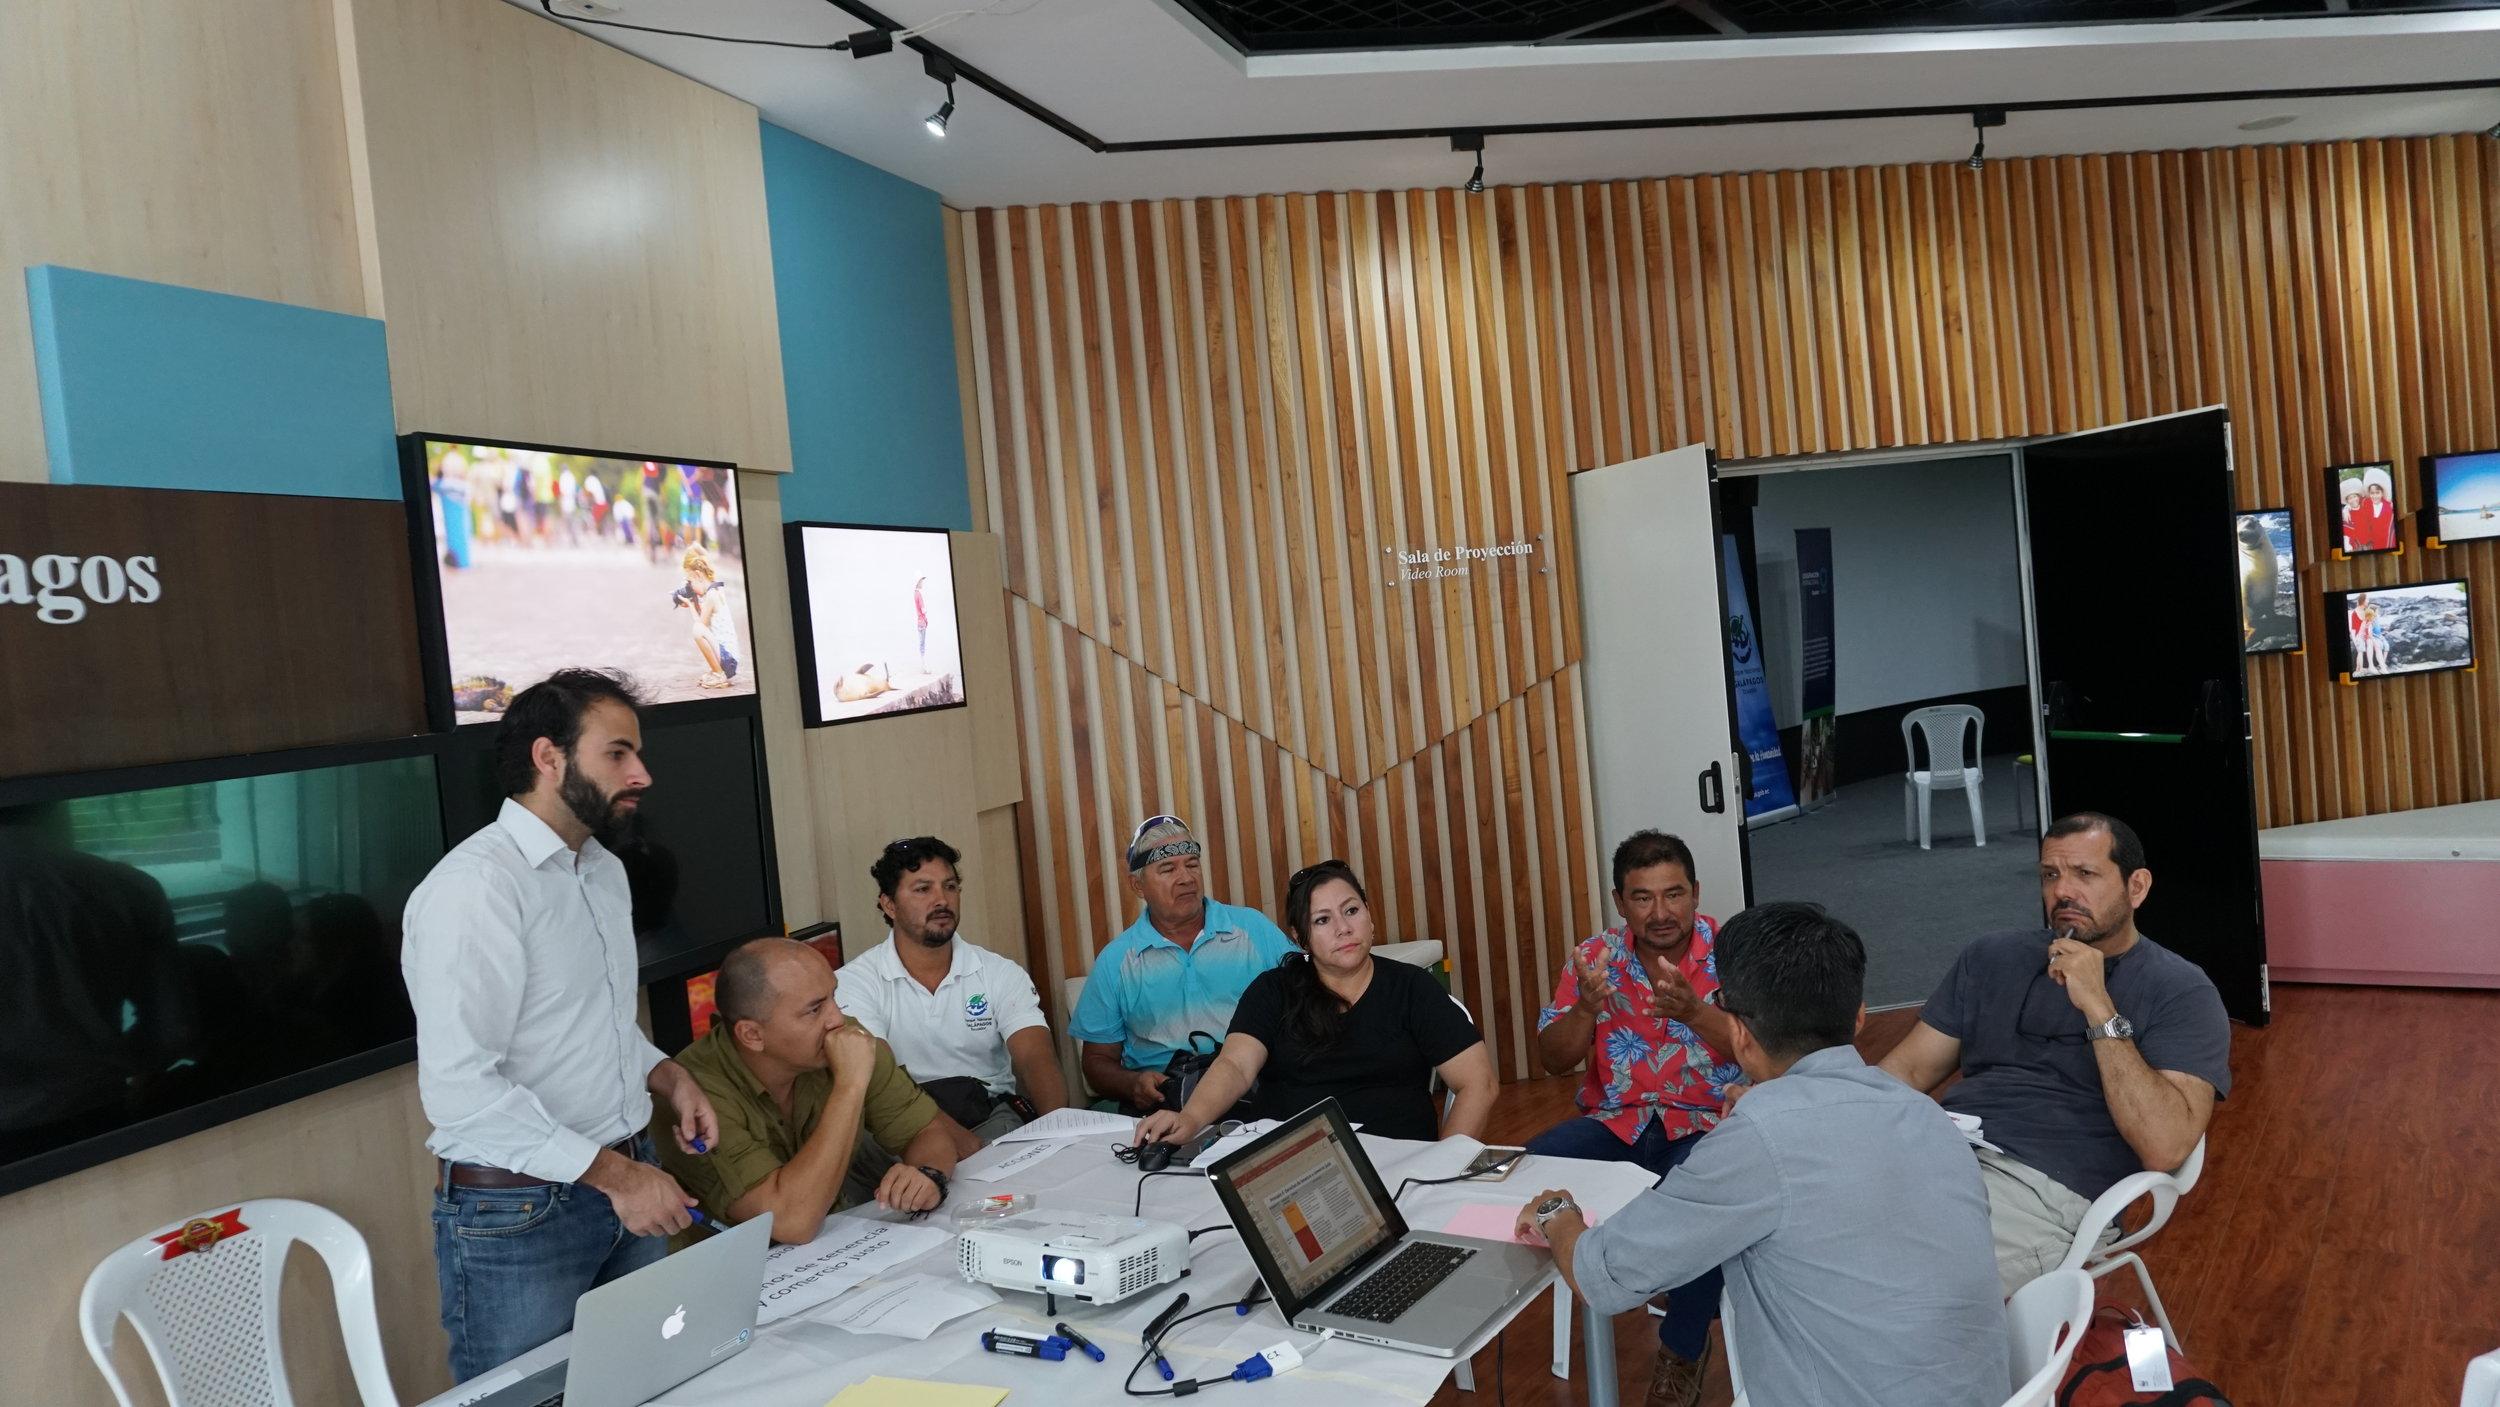 Figura 2 . Pescadores, manejadores e investigadores desarrollando el plan de acción para el mejoramiento de la pesquería de atún con un enfoque integral y comunitario. Foto: Mauricio Castrejón